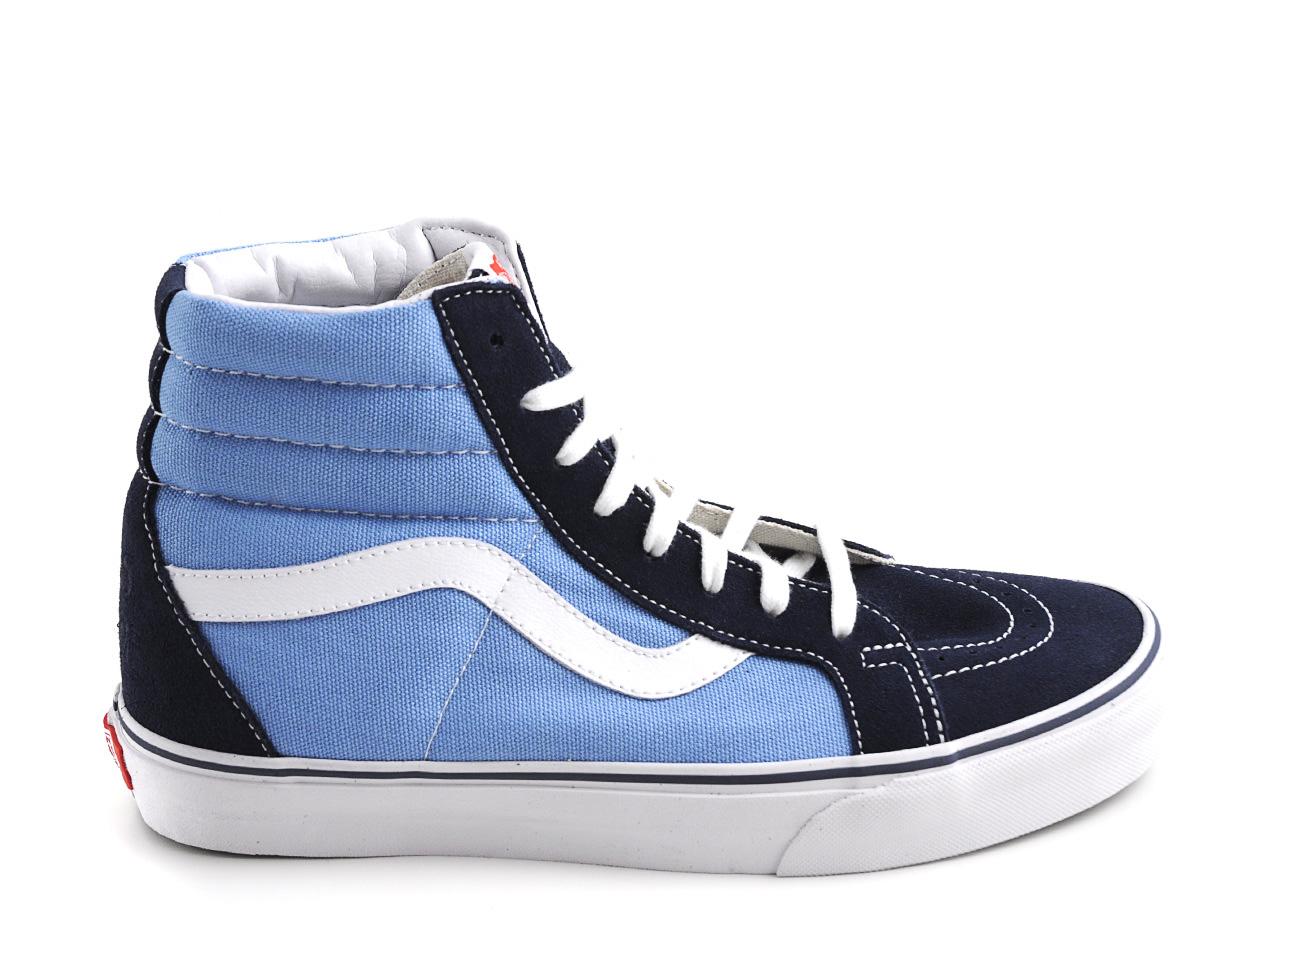 vans vans sk8 hi reissue bones brigade og blue in blue for. Black Bedroom Furniture Sets. Home Design Ideas